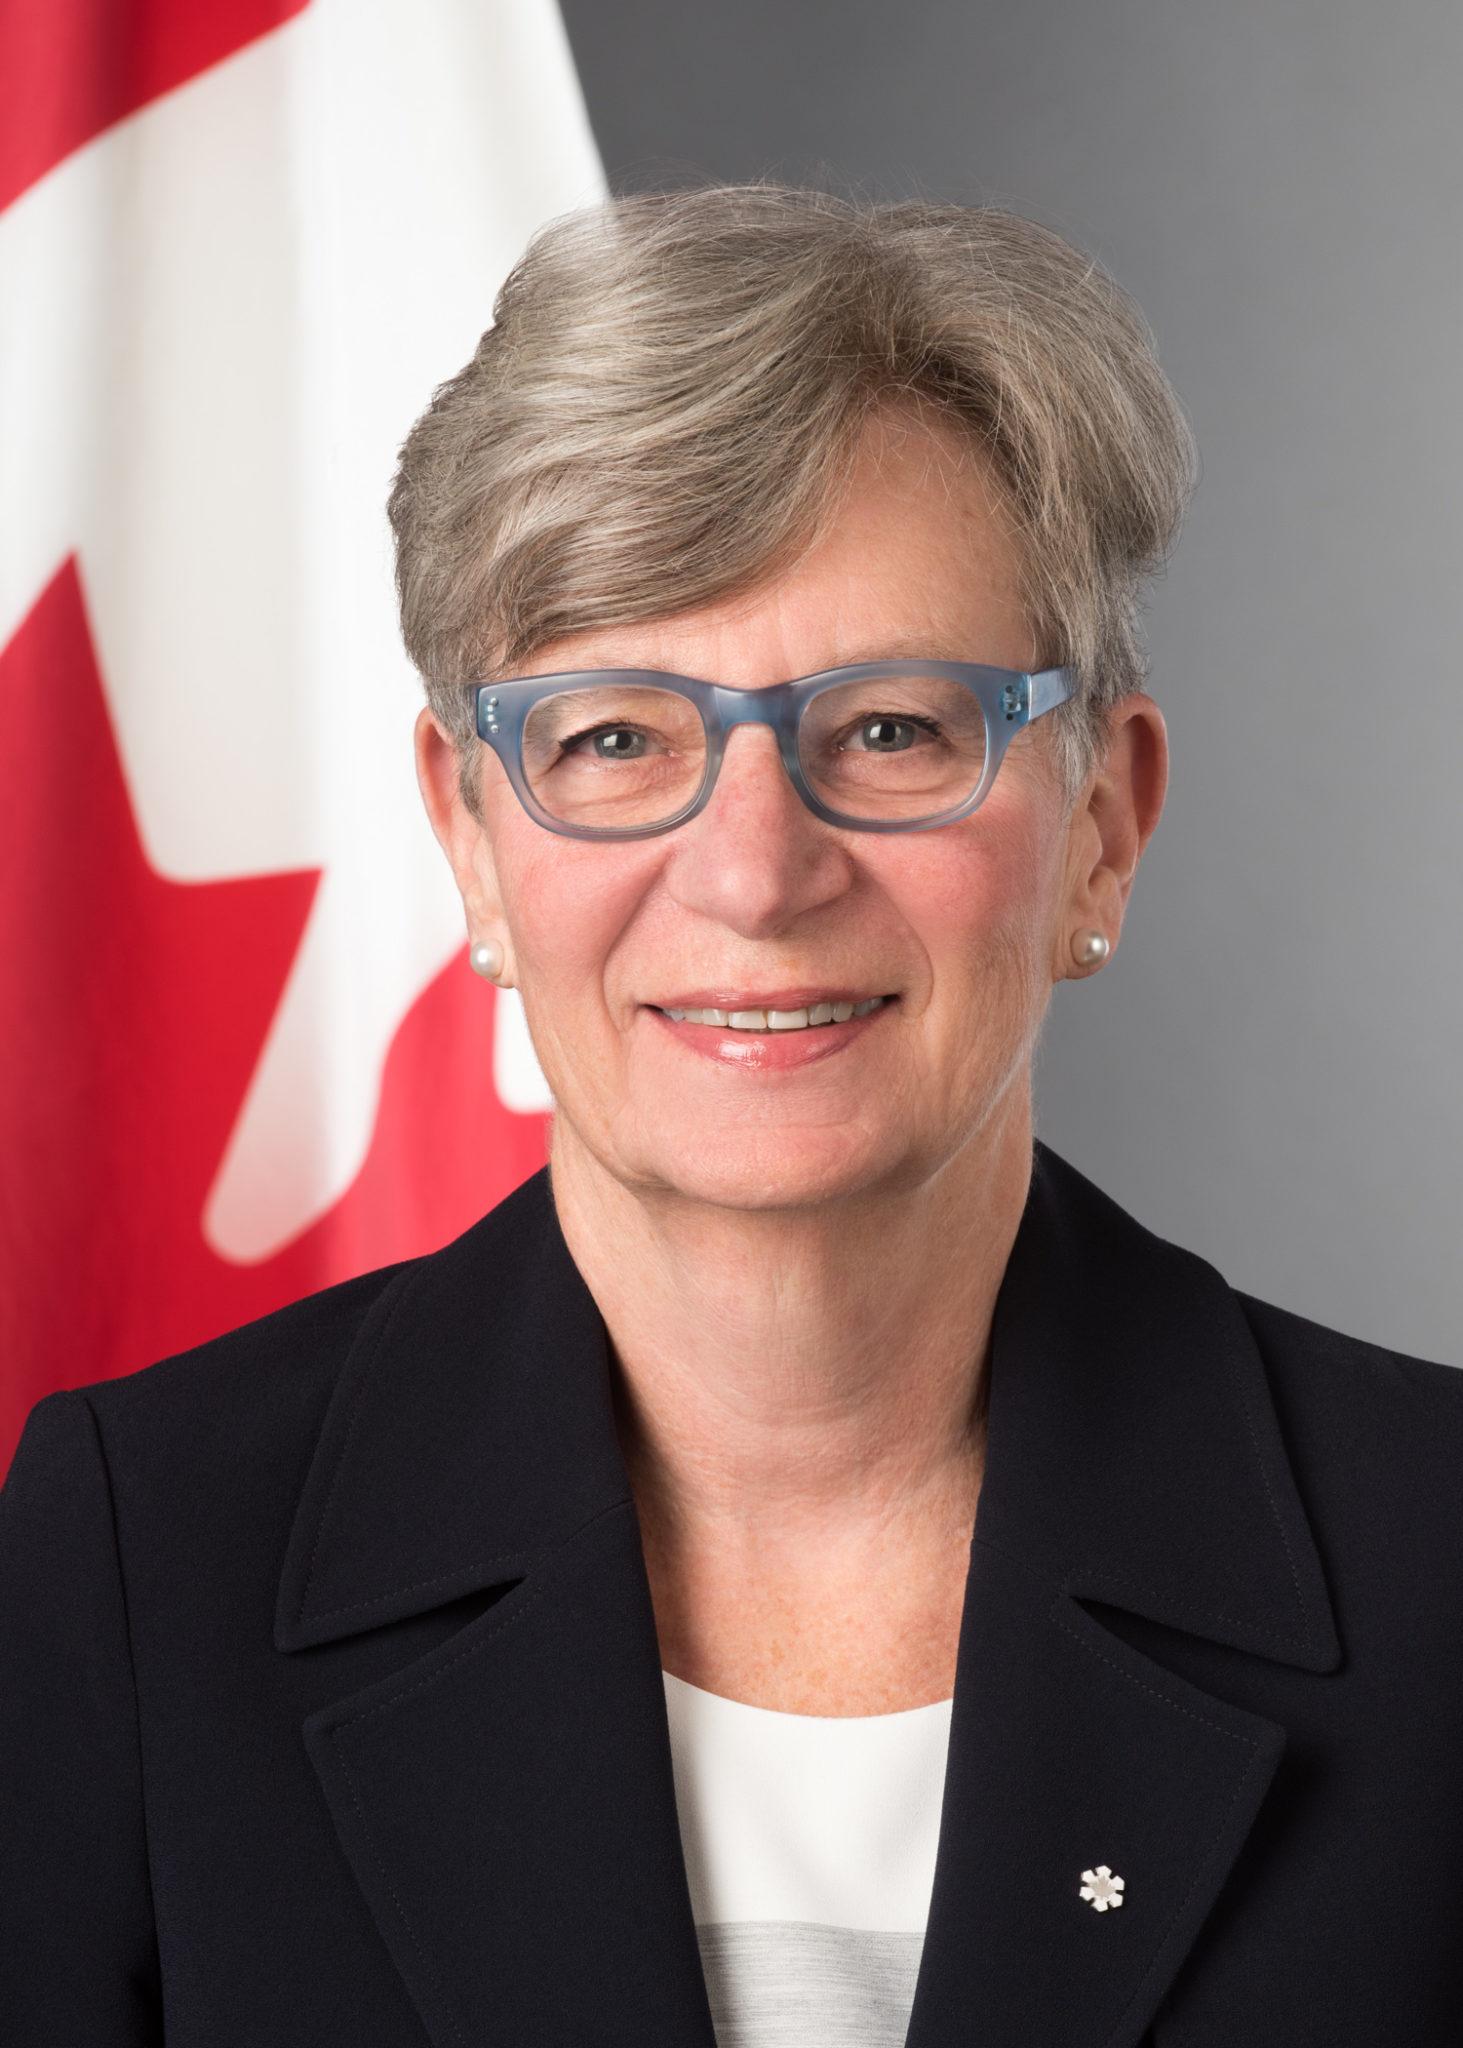 Canadian Consul General Yaffe